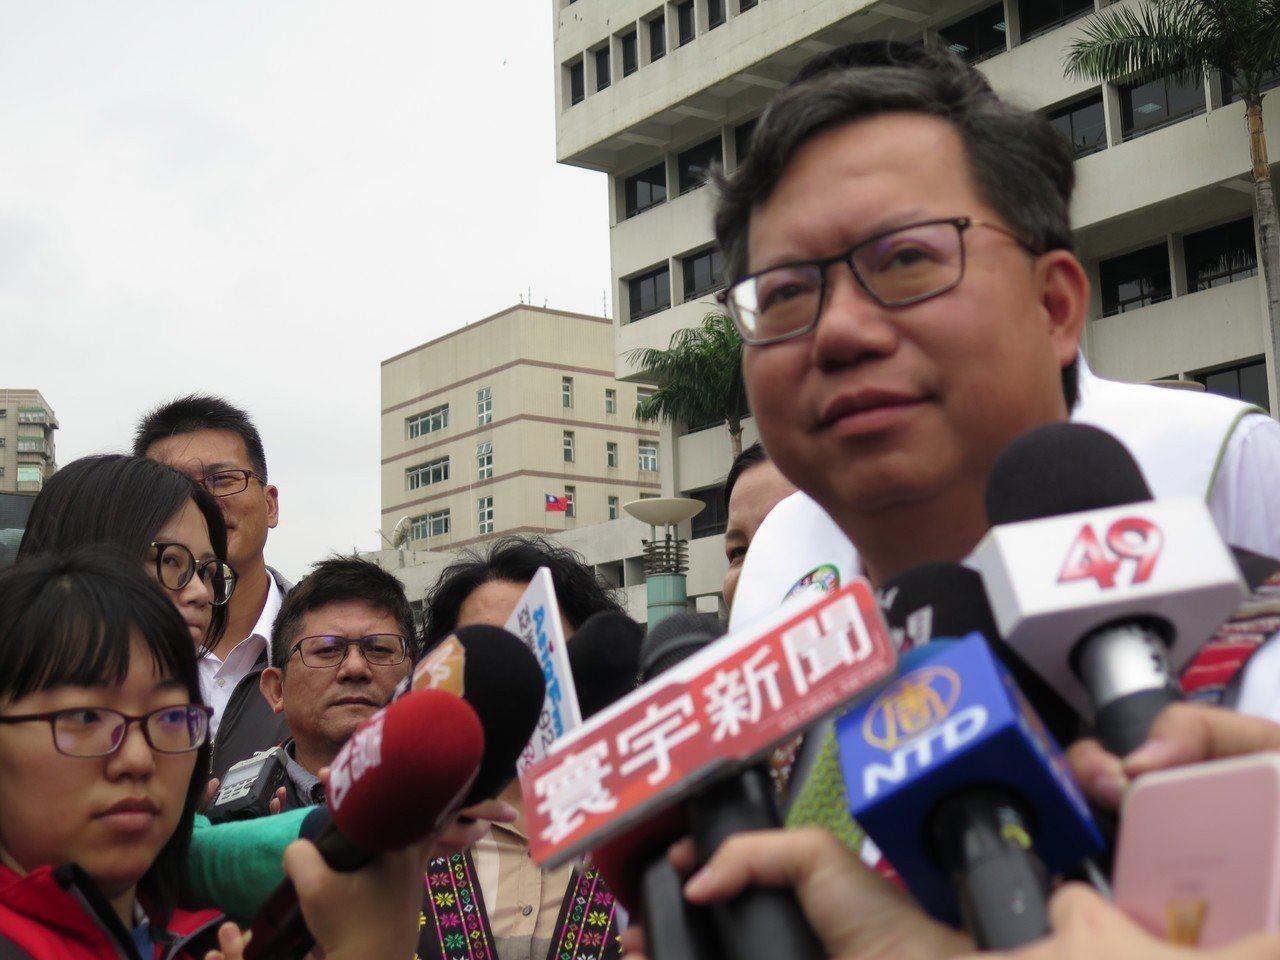 桃園市長鄭文燦說爭取好人才是為團隊加分,不必過多政治聯想。記者張裕珍/攝影